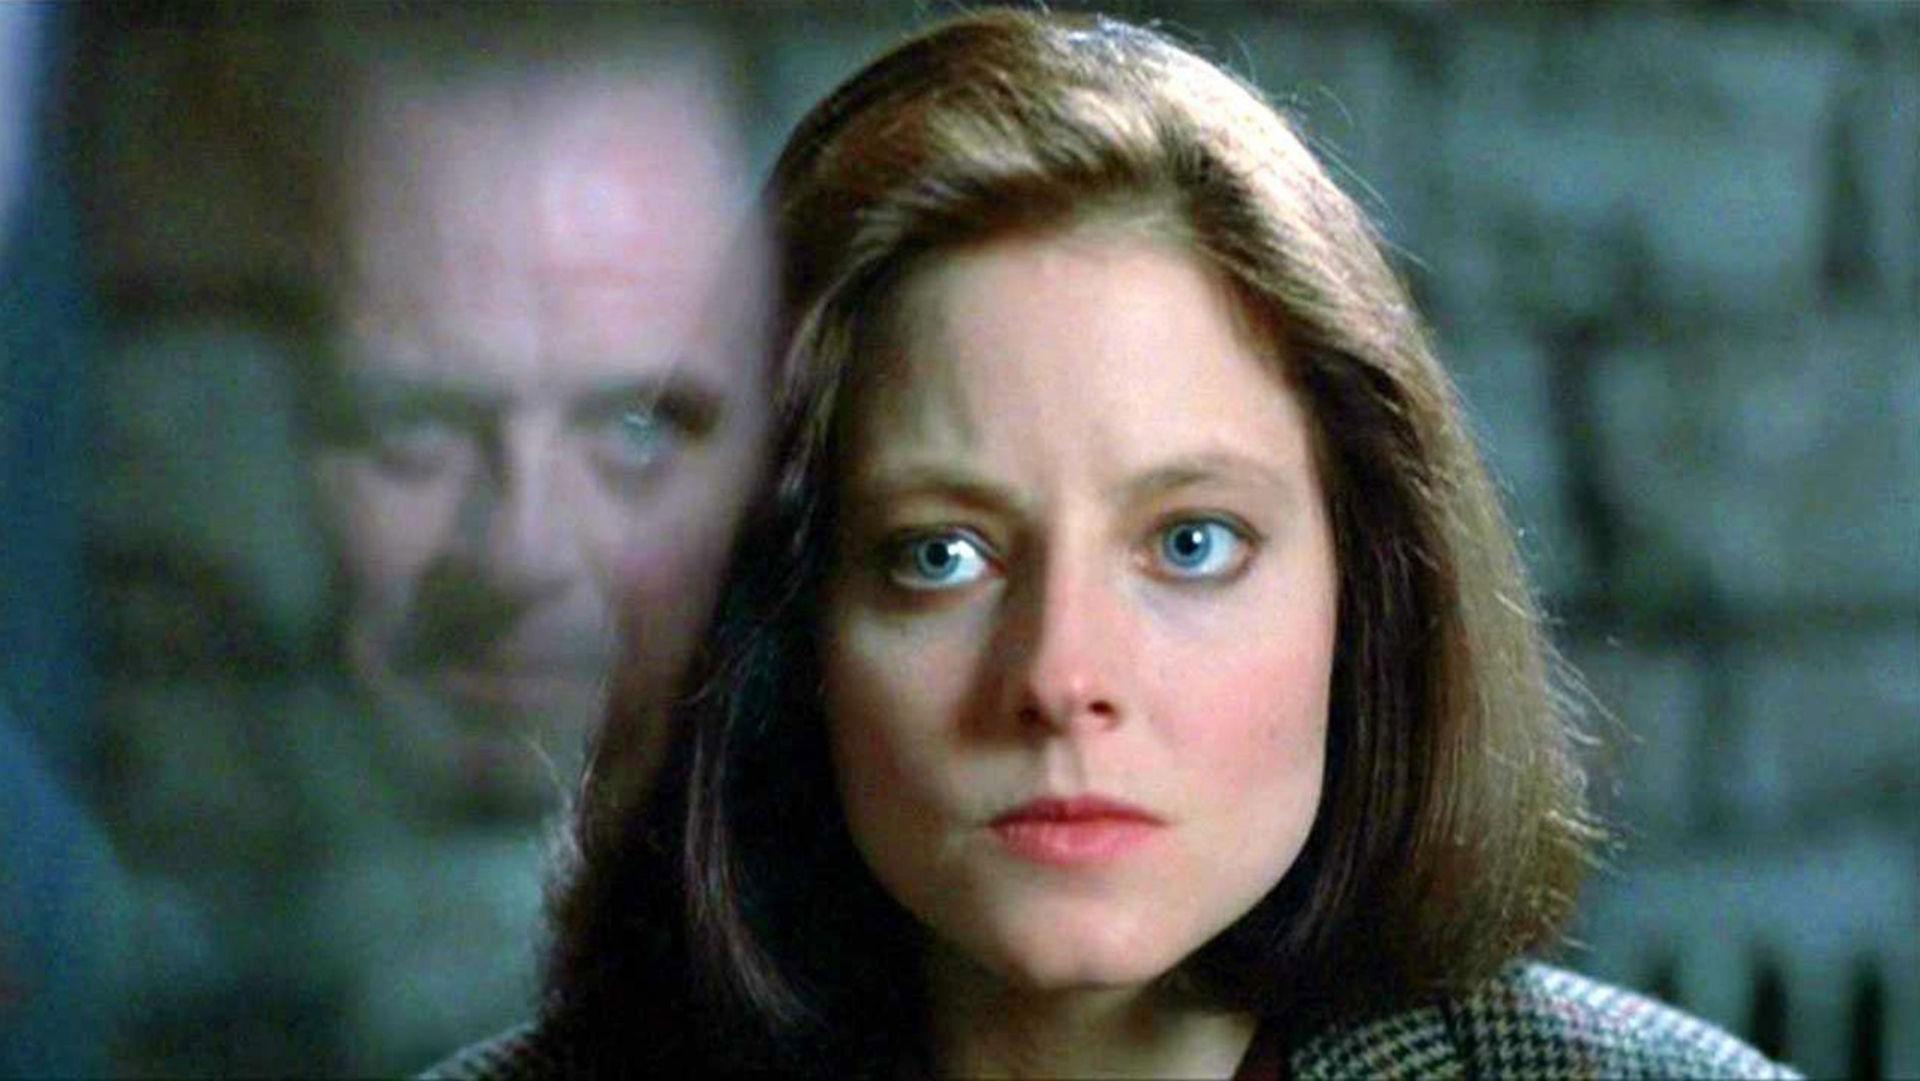 Cena do filme O Silêncio dos Inocentes. Jodie Foster está no centro da imagem. Ela é uma mulher branca de 30 anos com olhos azuis, cabelo liso e castanho até os ombros. Podemos vê-la do pescoço para cima. A sua frente, refletido no vidro, vemos o rosto de Anthony Hopkins, se sobrepondo ao de Foster. Ele a encara.